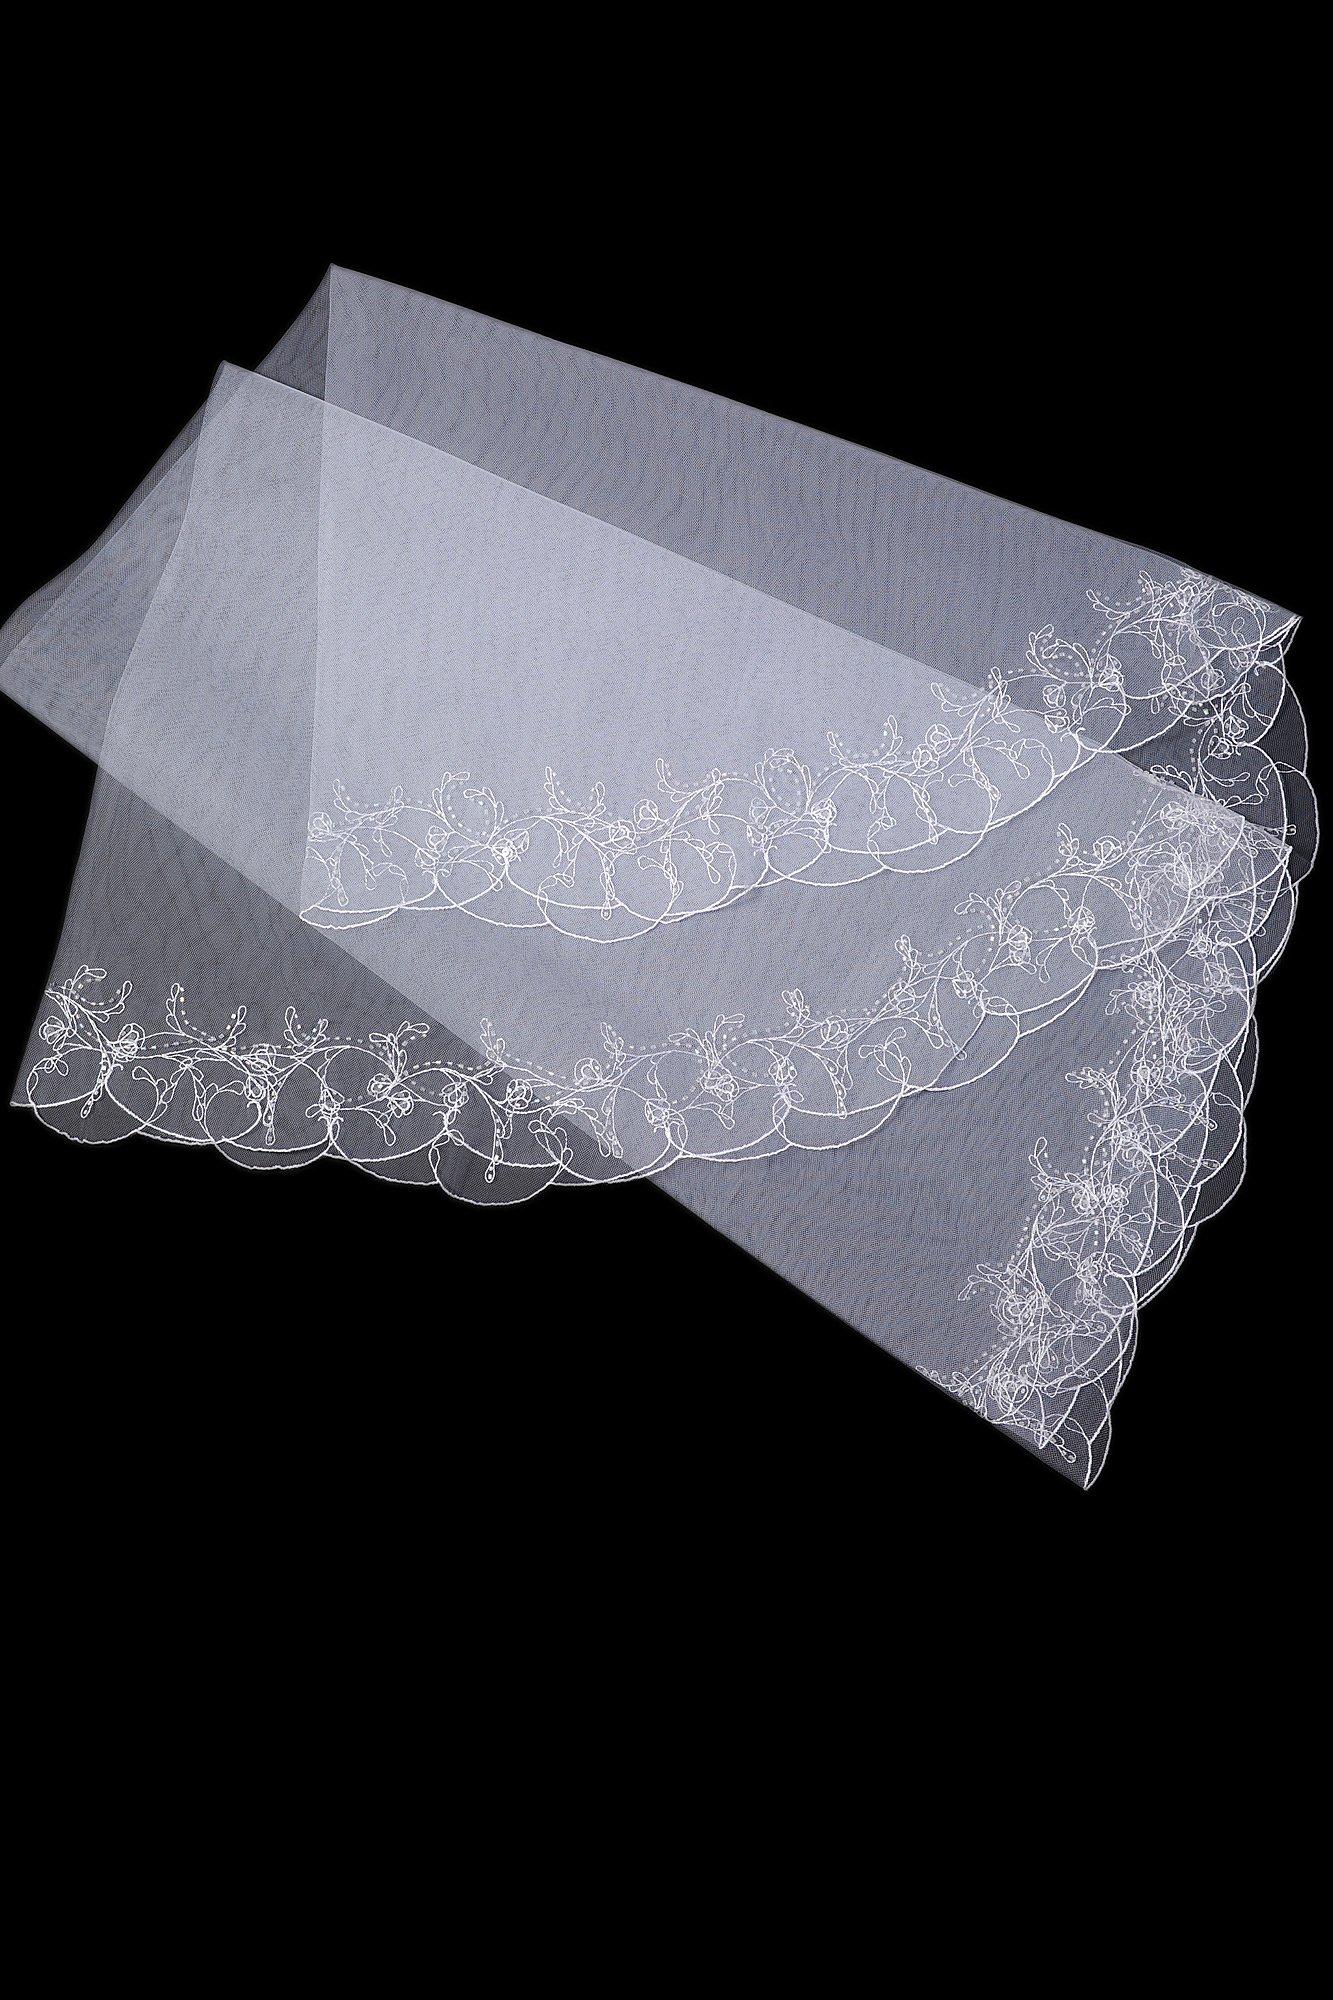 Стильная белоснежная фата с изящной вышивкой по краям.